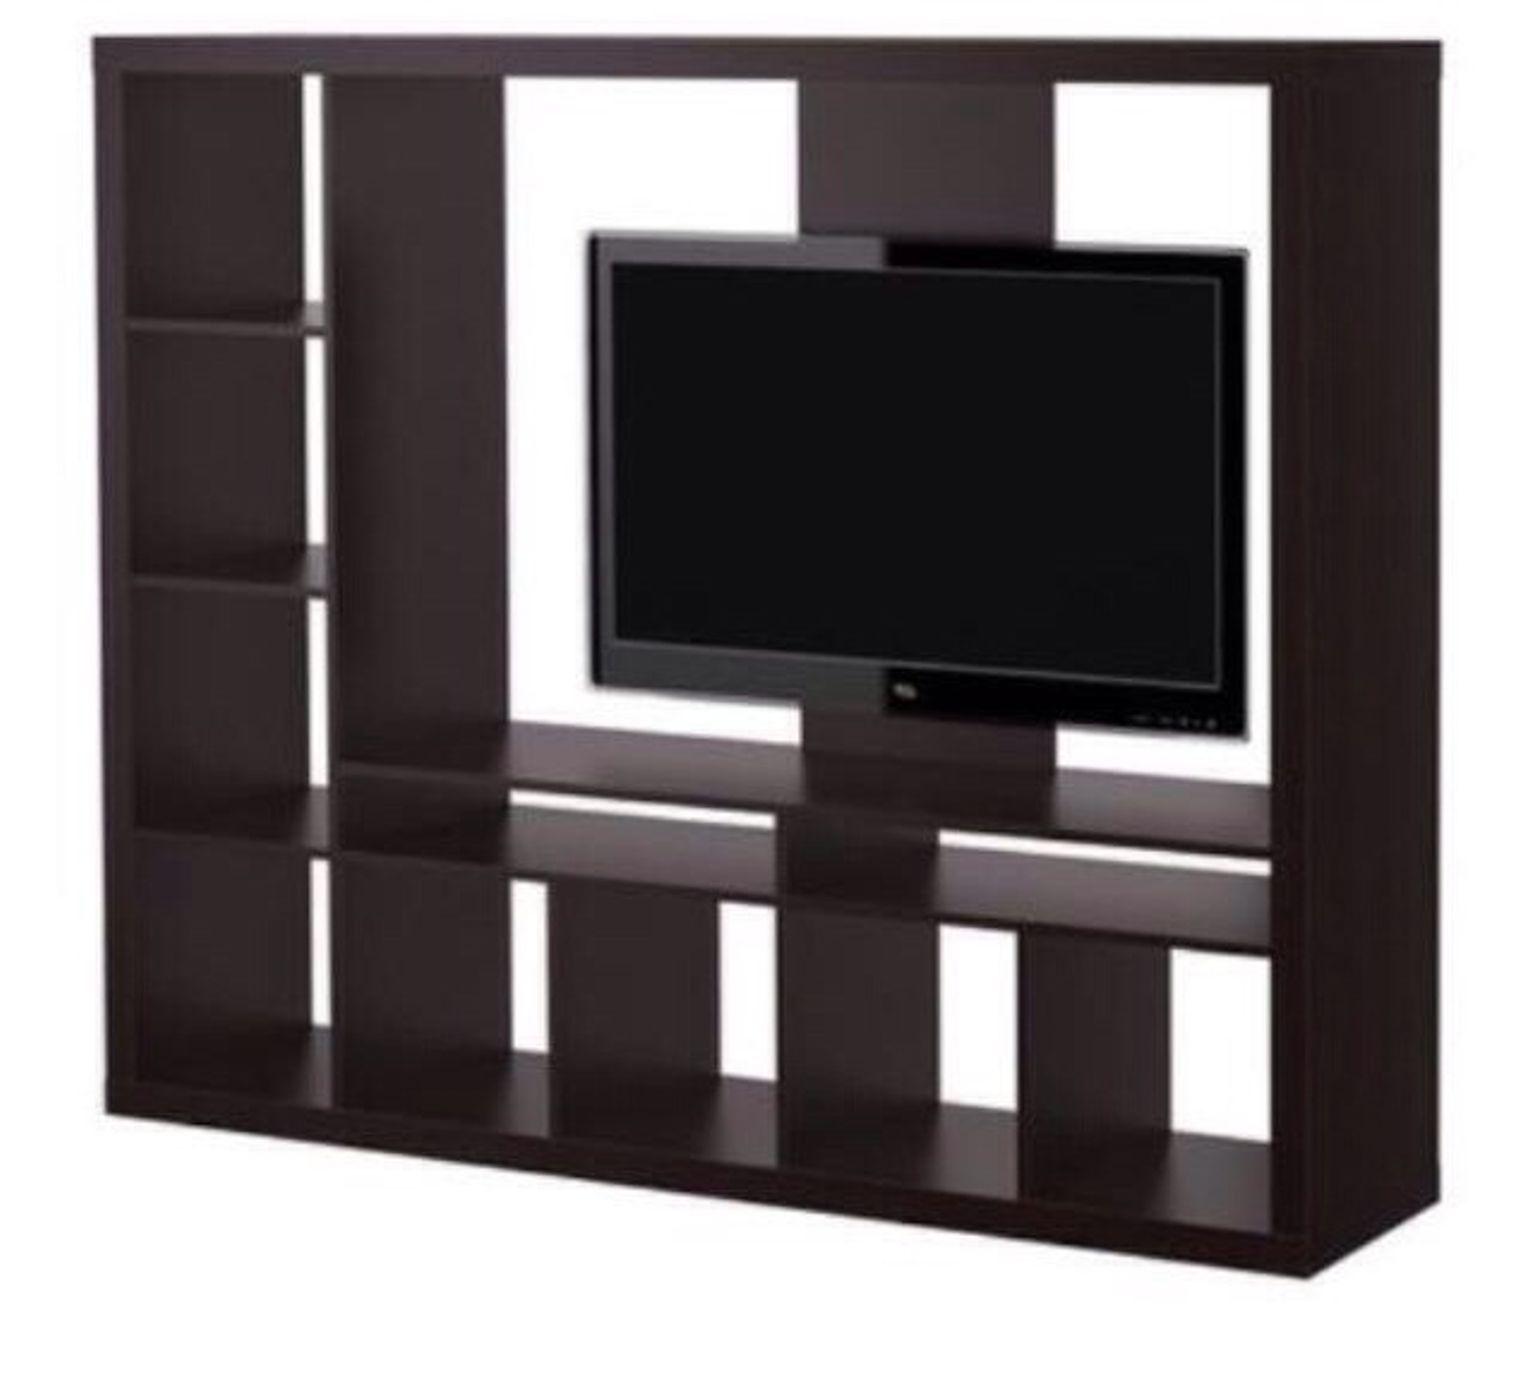 Full Size of Ikea Raumteiler Schrank Als Rckwand Verkleiden Betten 160x200 Regal Miniküche Küche Kosten Kaufen Modulküche Bei Sofa Mit Schlaffunktion Wohnzimmer Ikea Raumteiler